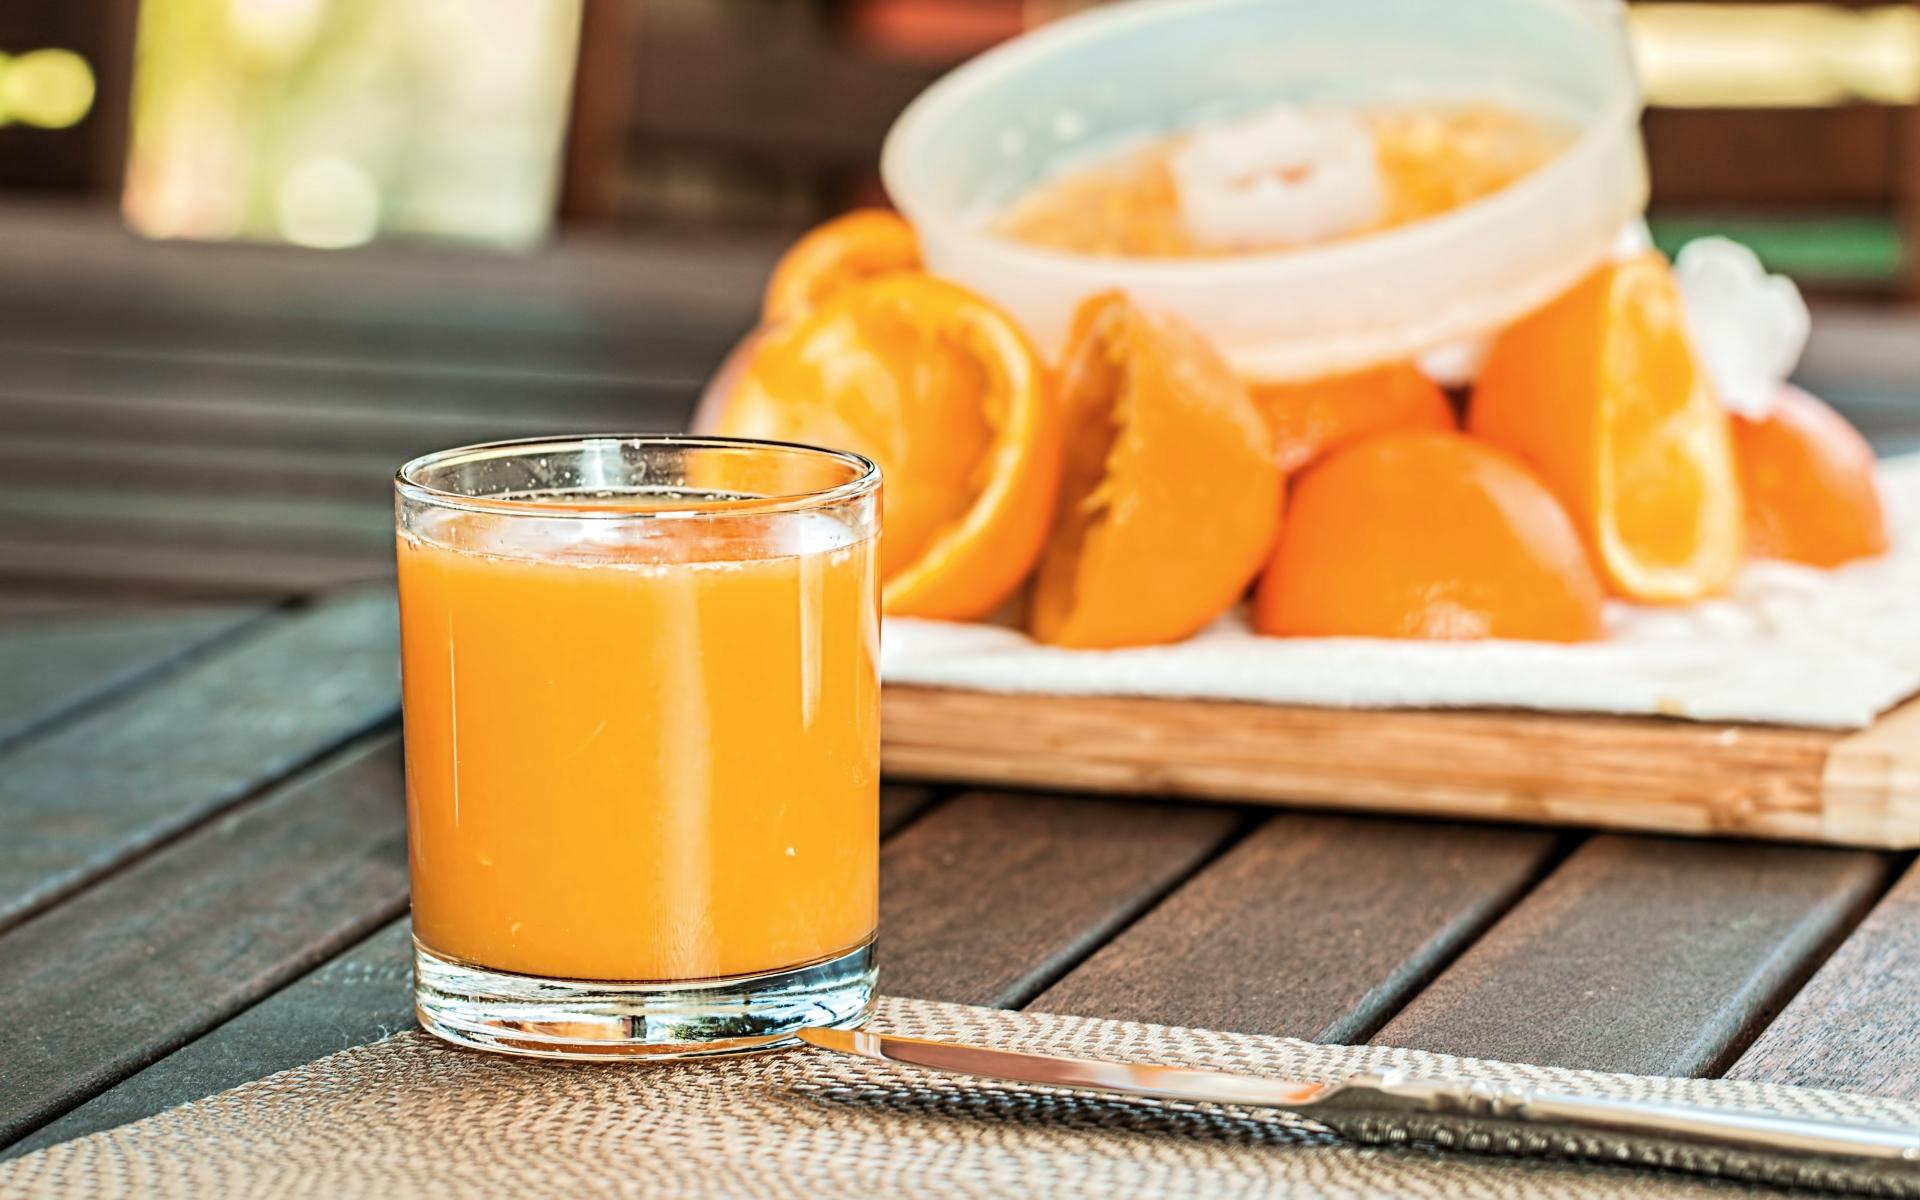 Картинки Оранжевый, цитрусовый, свежий фото и обои на рабочий стол